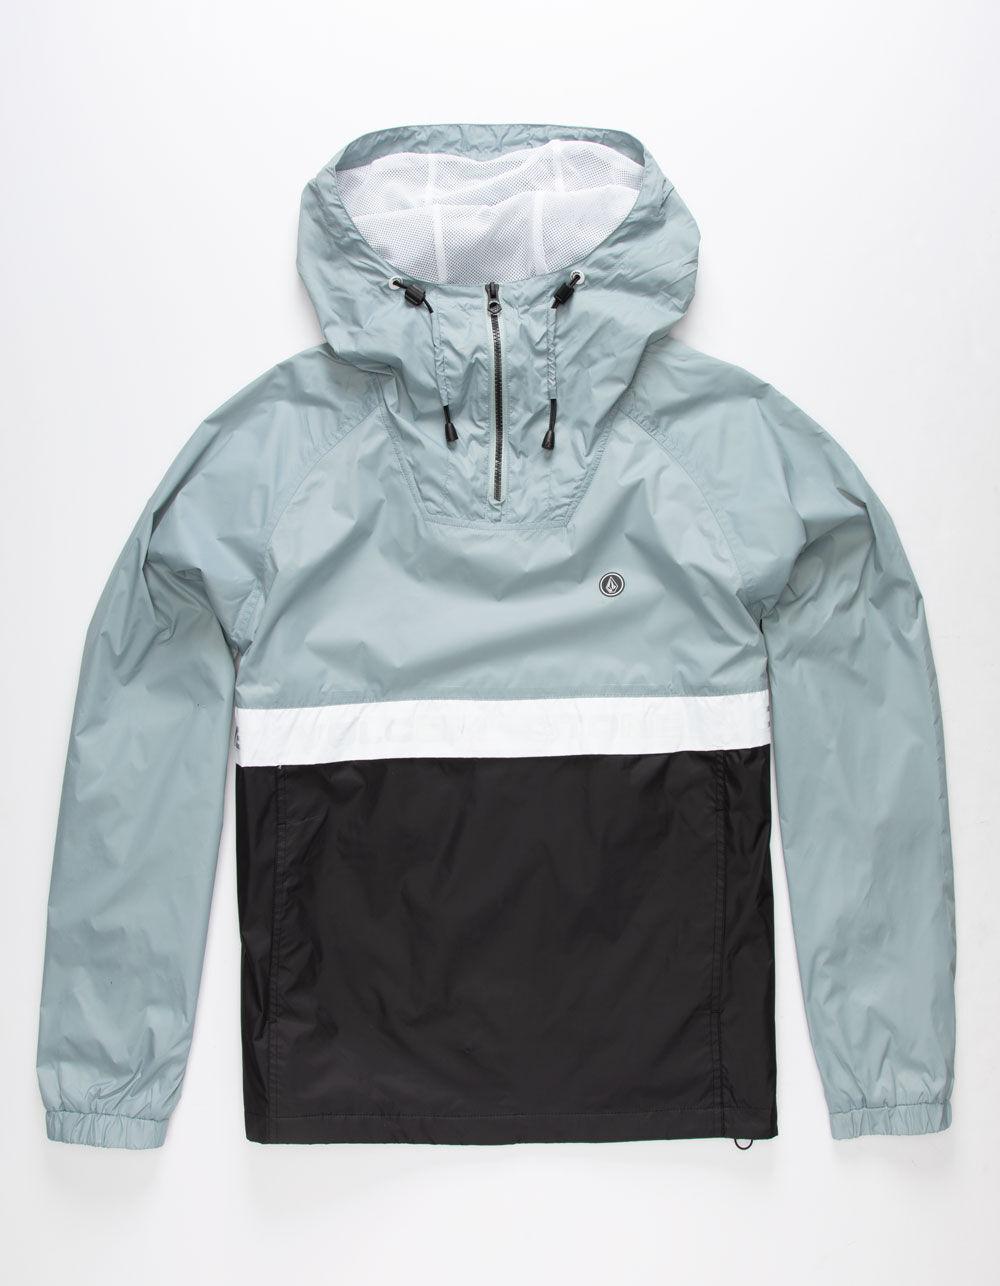 VOLCOM Fezzes Cloud Blue Windbreaker Jacket